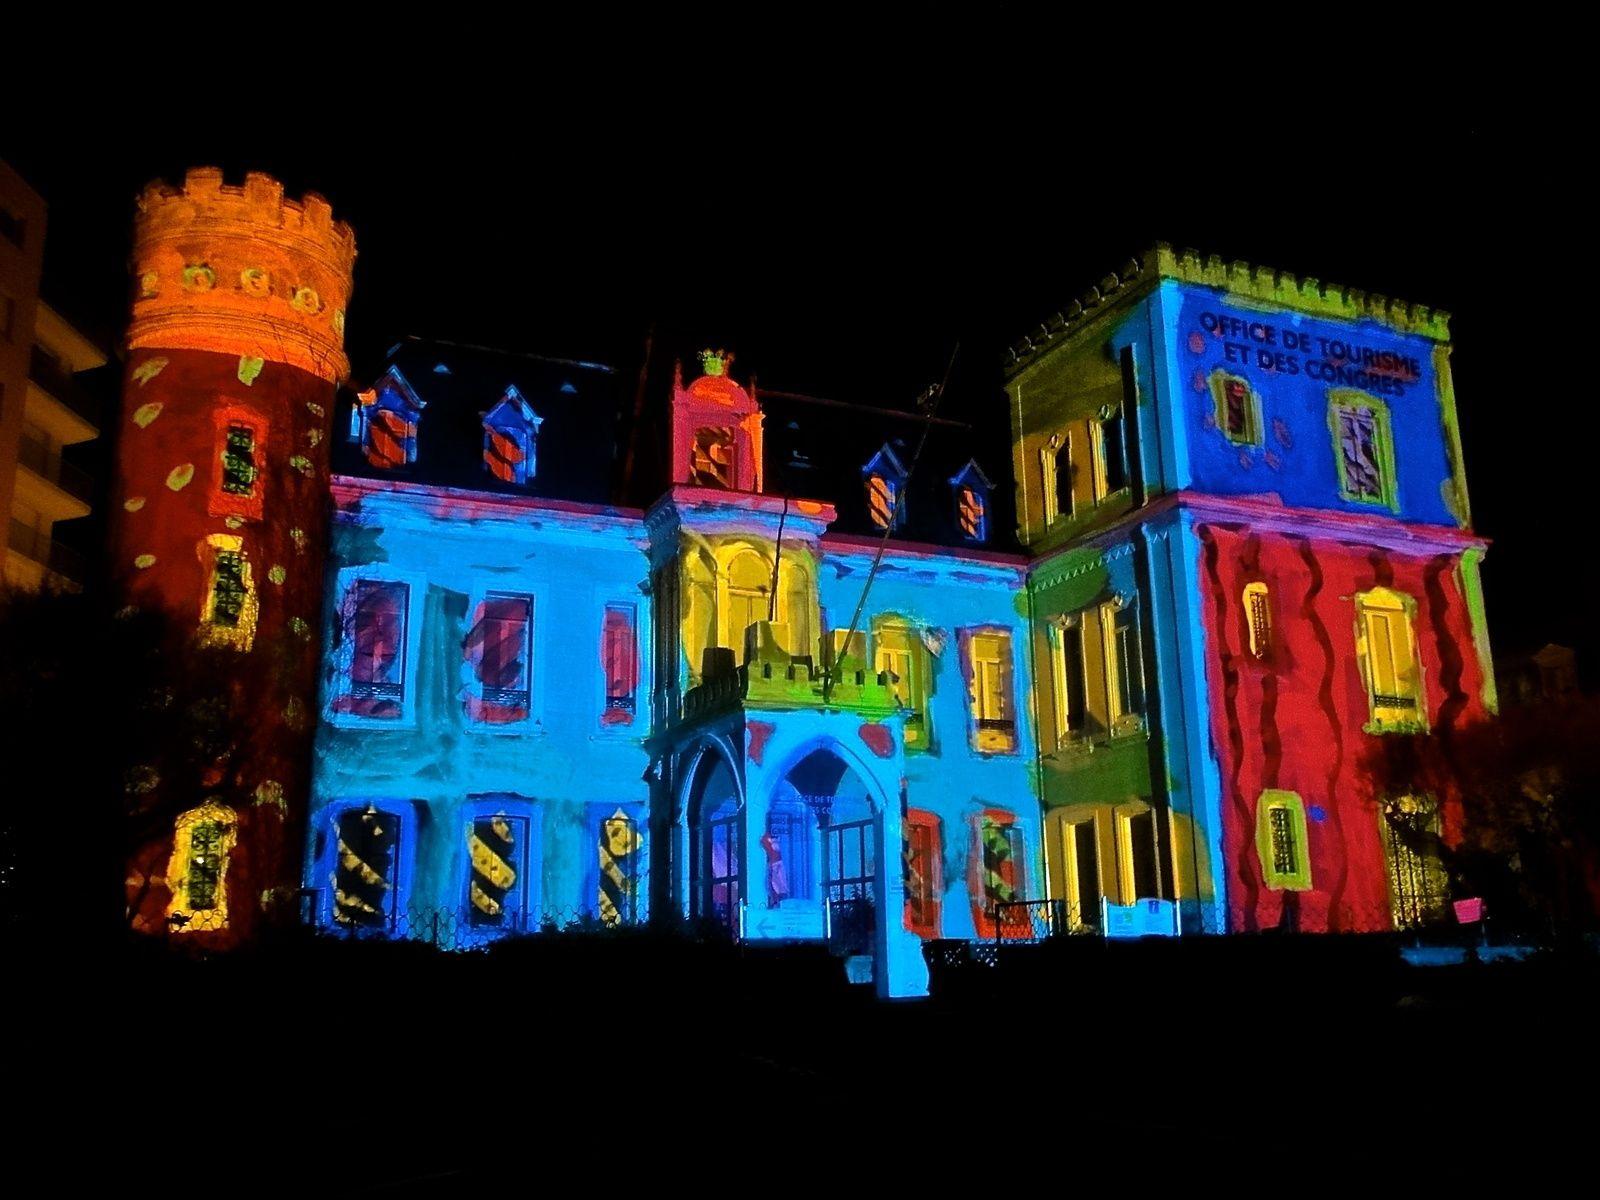 Nuit blanche en pleine lumière, Biarritz décembre 2013